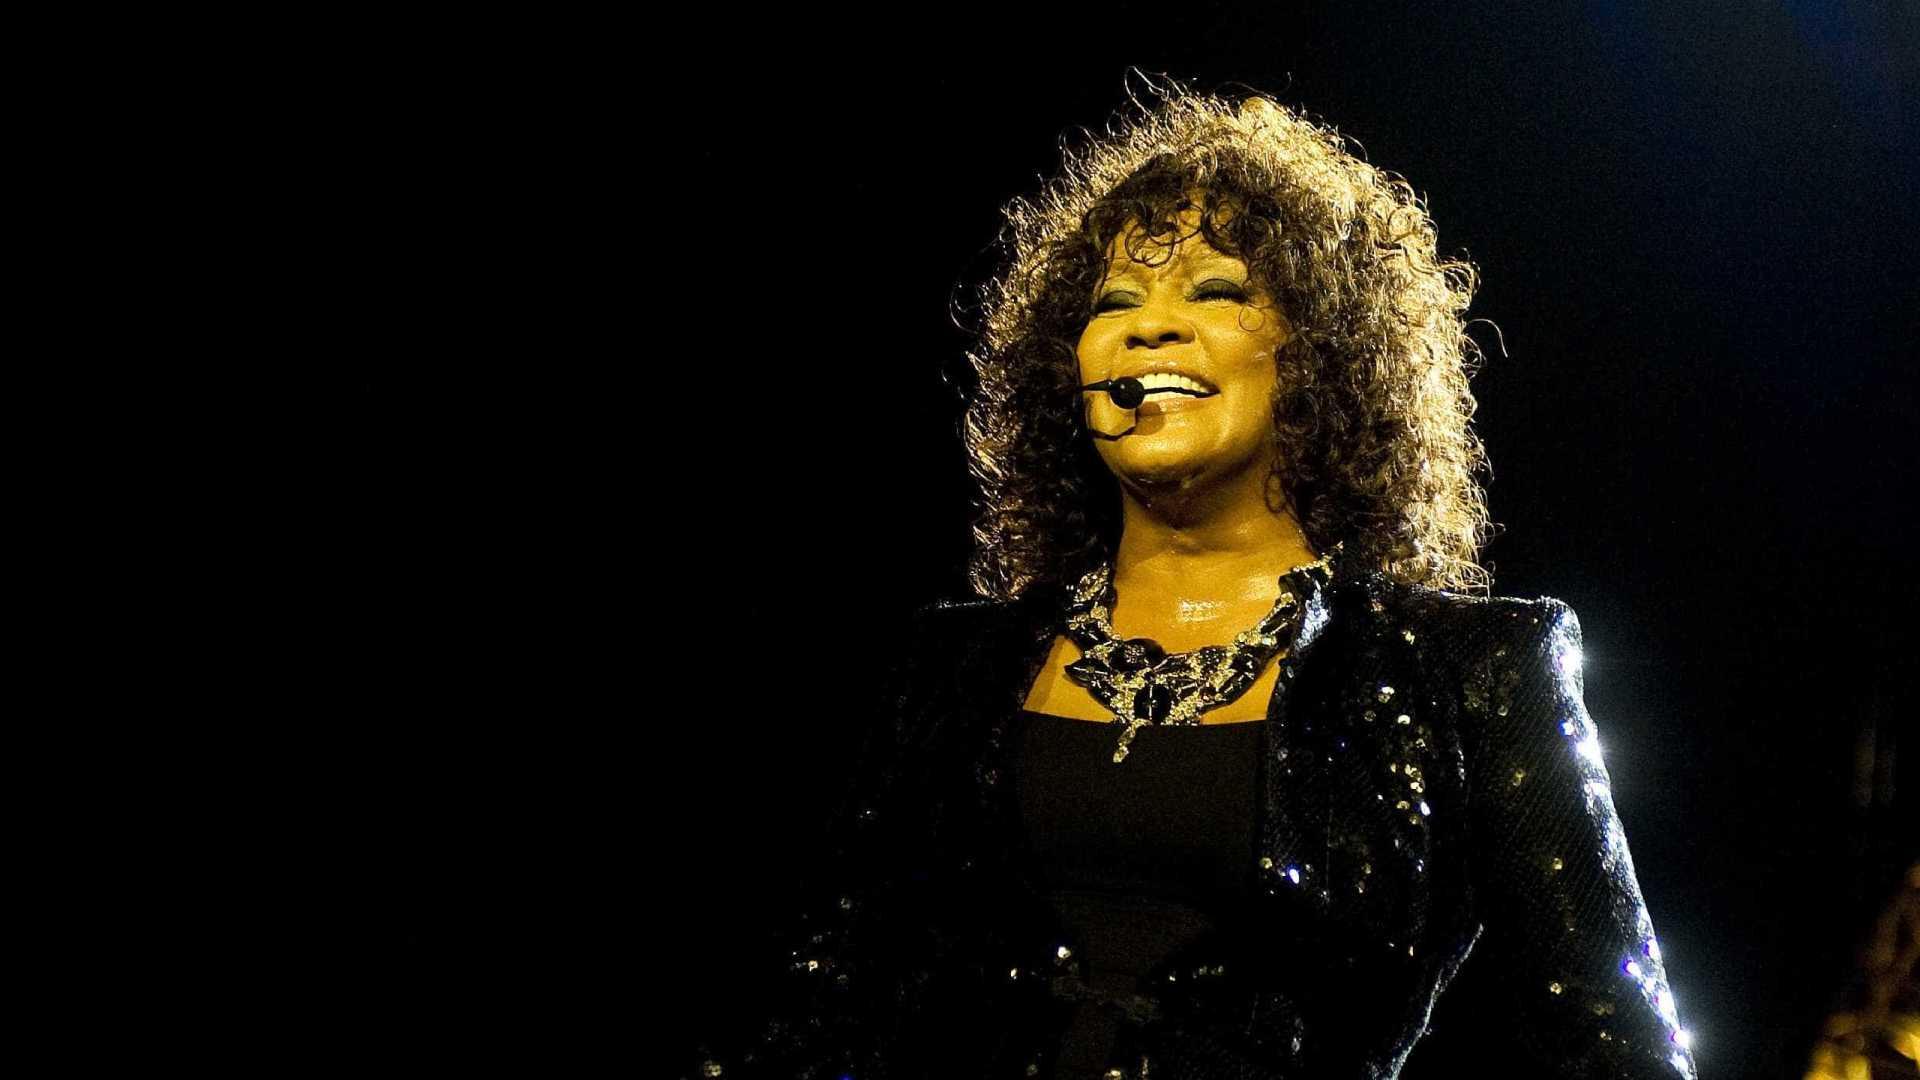 naom 5ae4986d82724 - Documentário sobre trajetória de Whitney Houston ganha teaser; veja